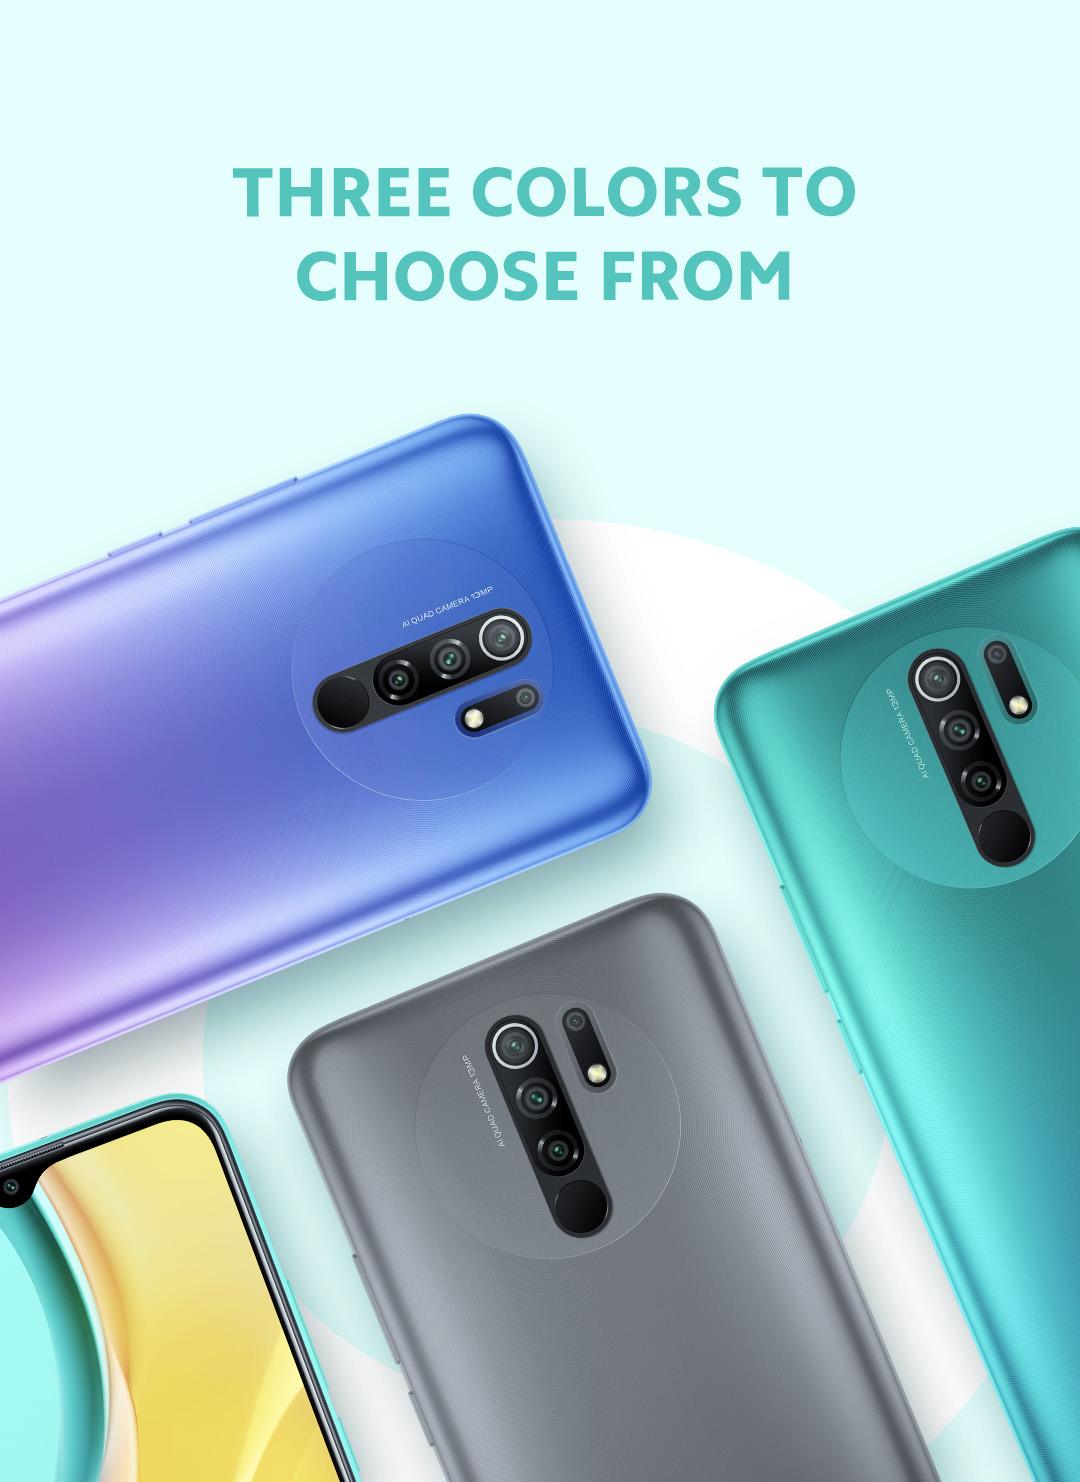 Xiaomi Redmi 9 cena specyfikacja dane techniczne zdjęcia rendery plotki przecieki wycieki kiedy premiera